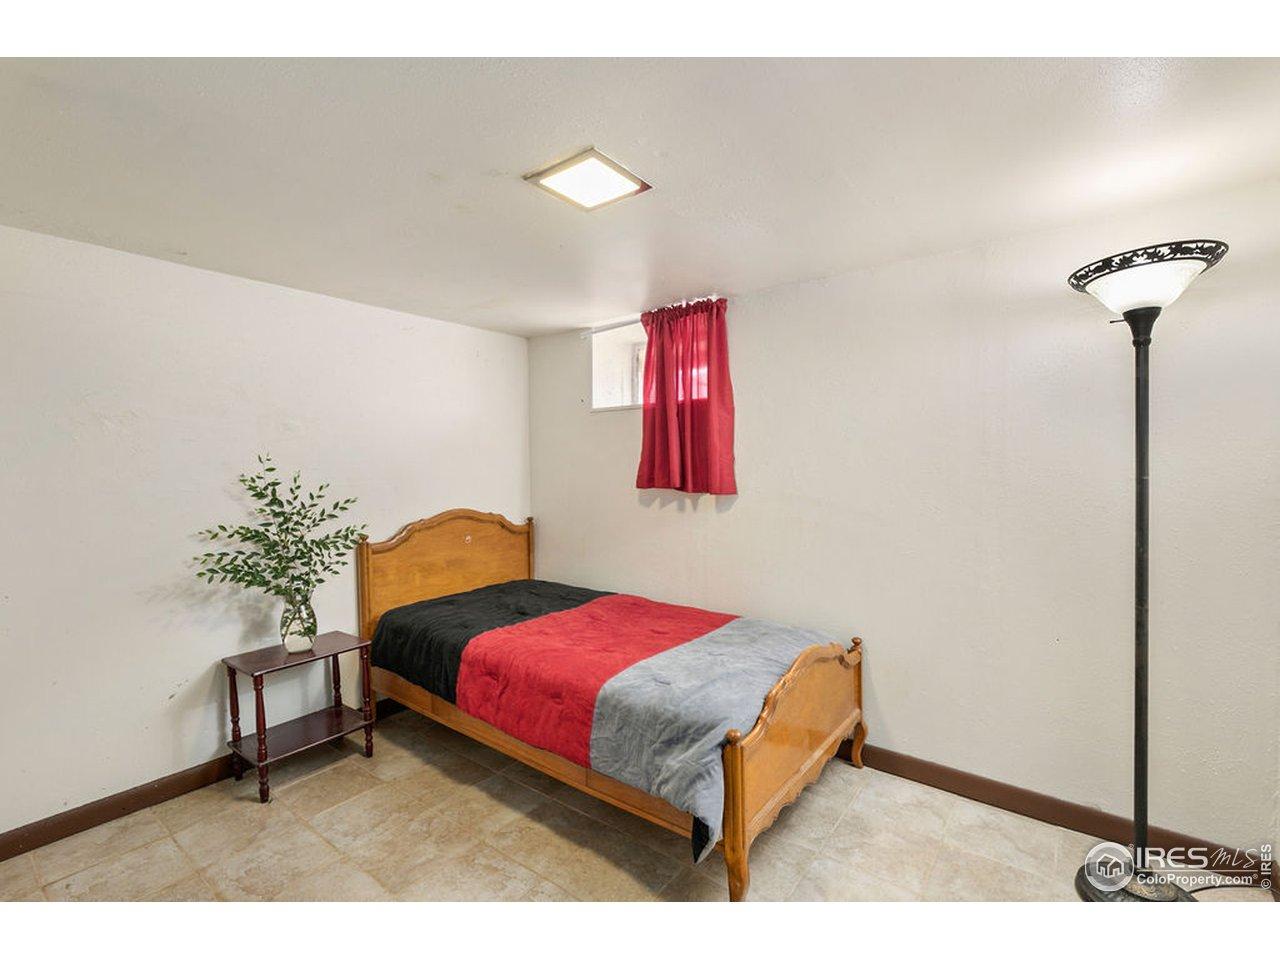 Basement bedroom 2